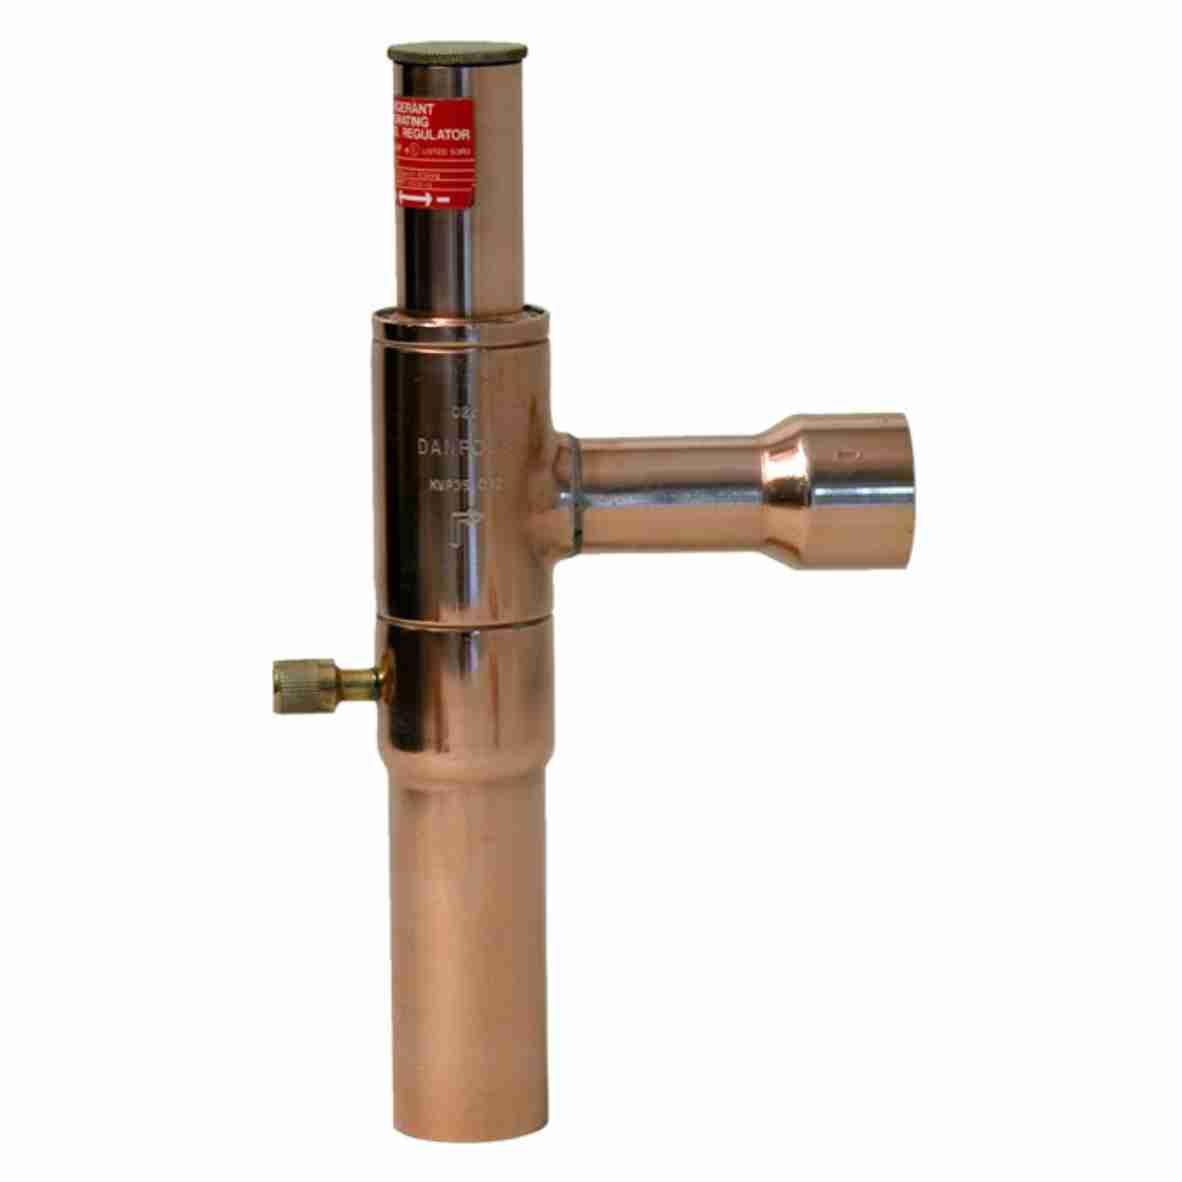 Válvula reguladora de pressão evaporador Danfoss KVP28 1.1/8 Solda